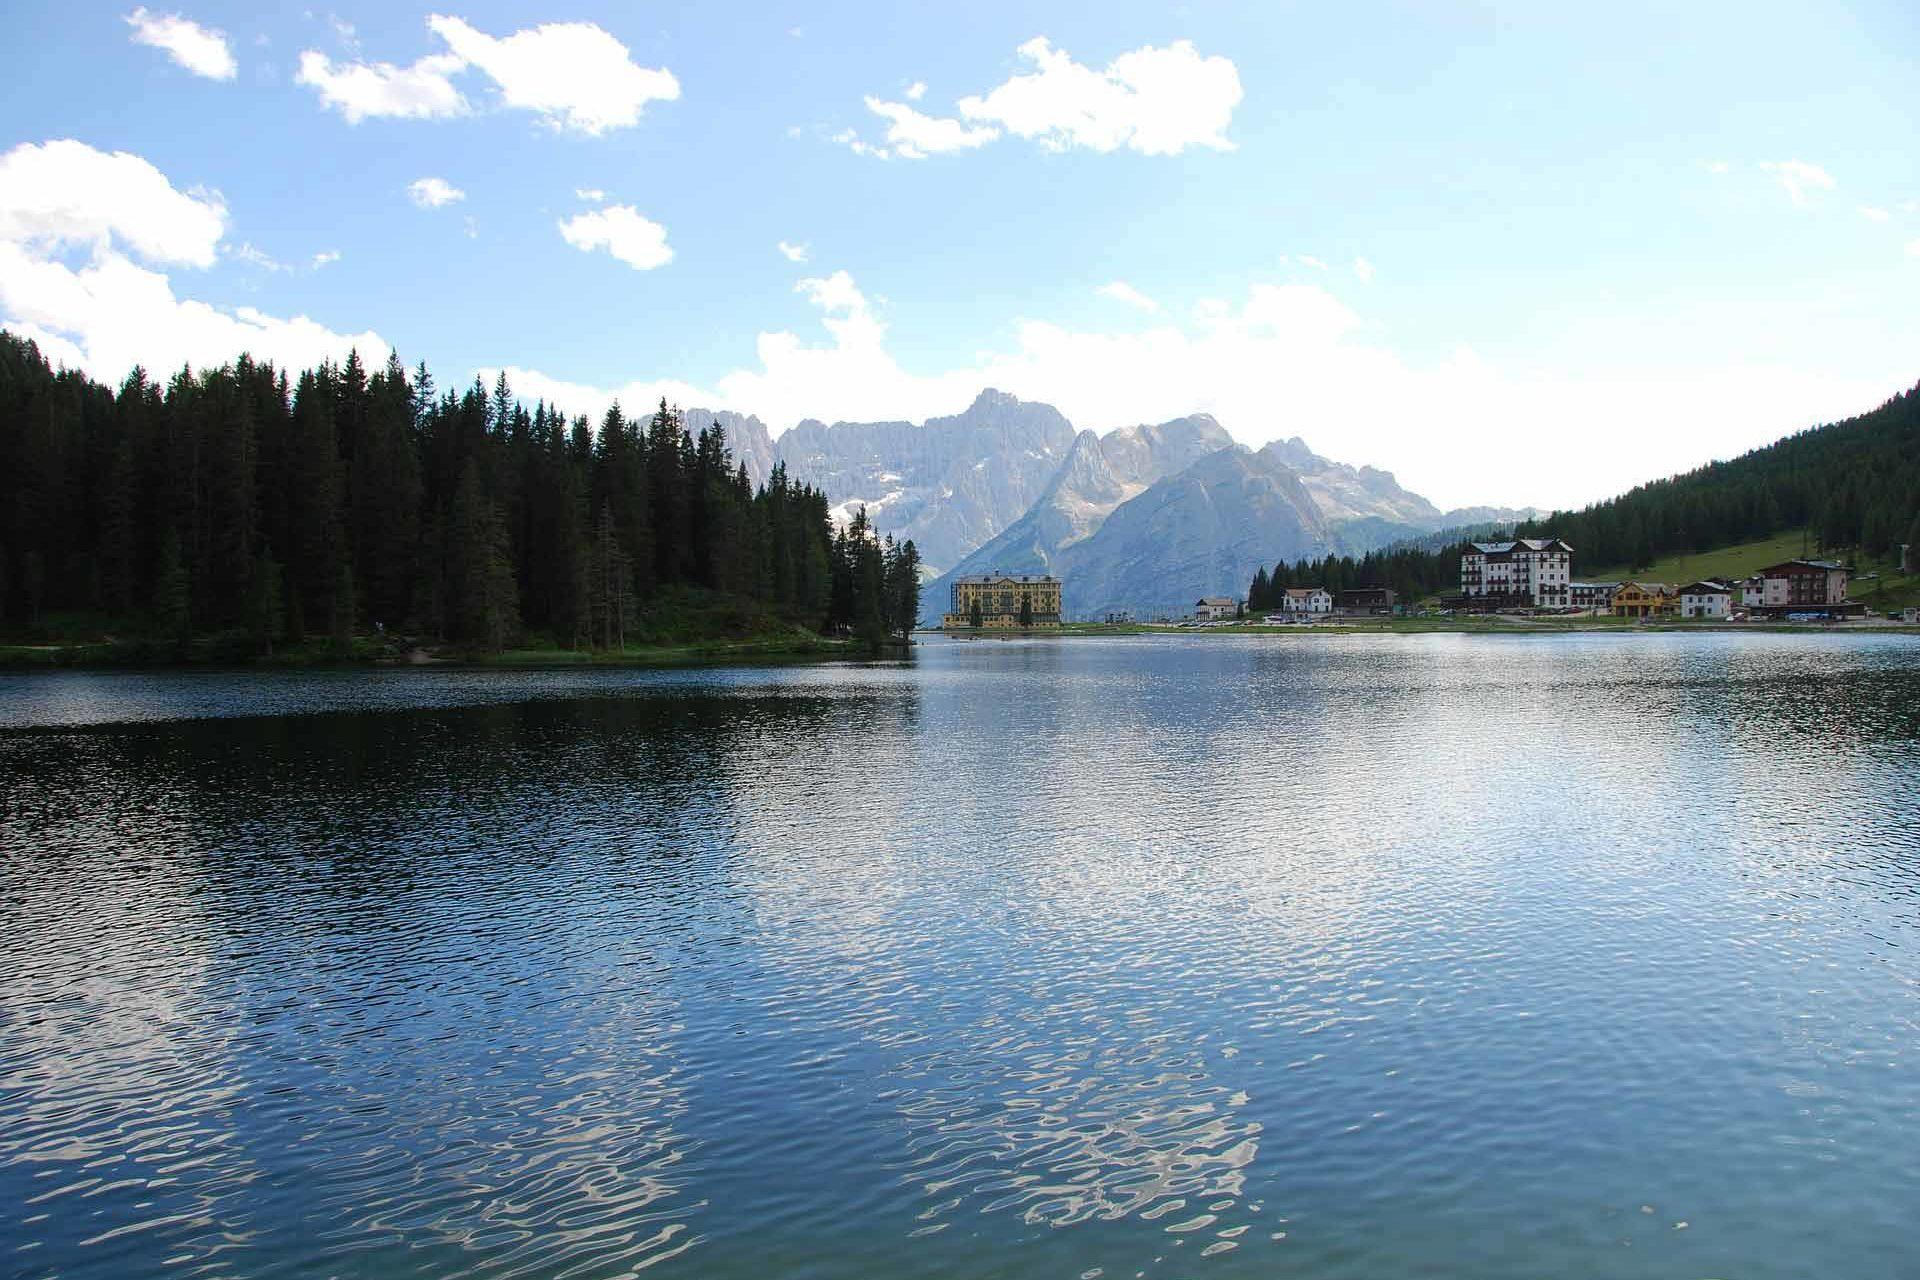 Lago di misurina Chalet Lago Antorno - 1802720_1920